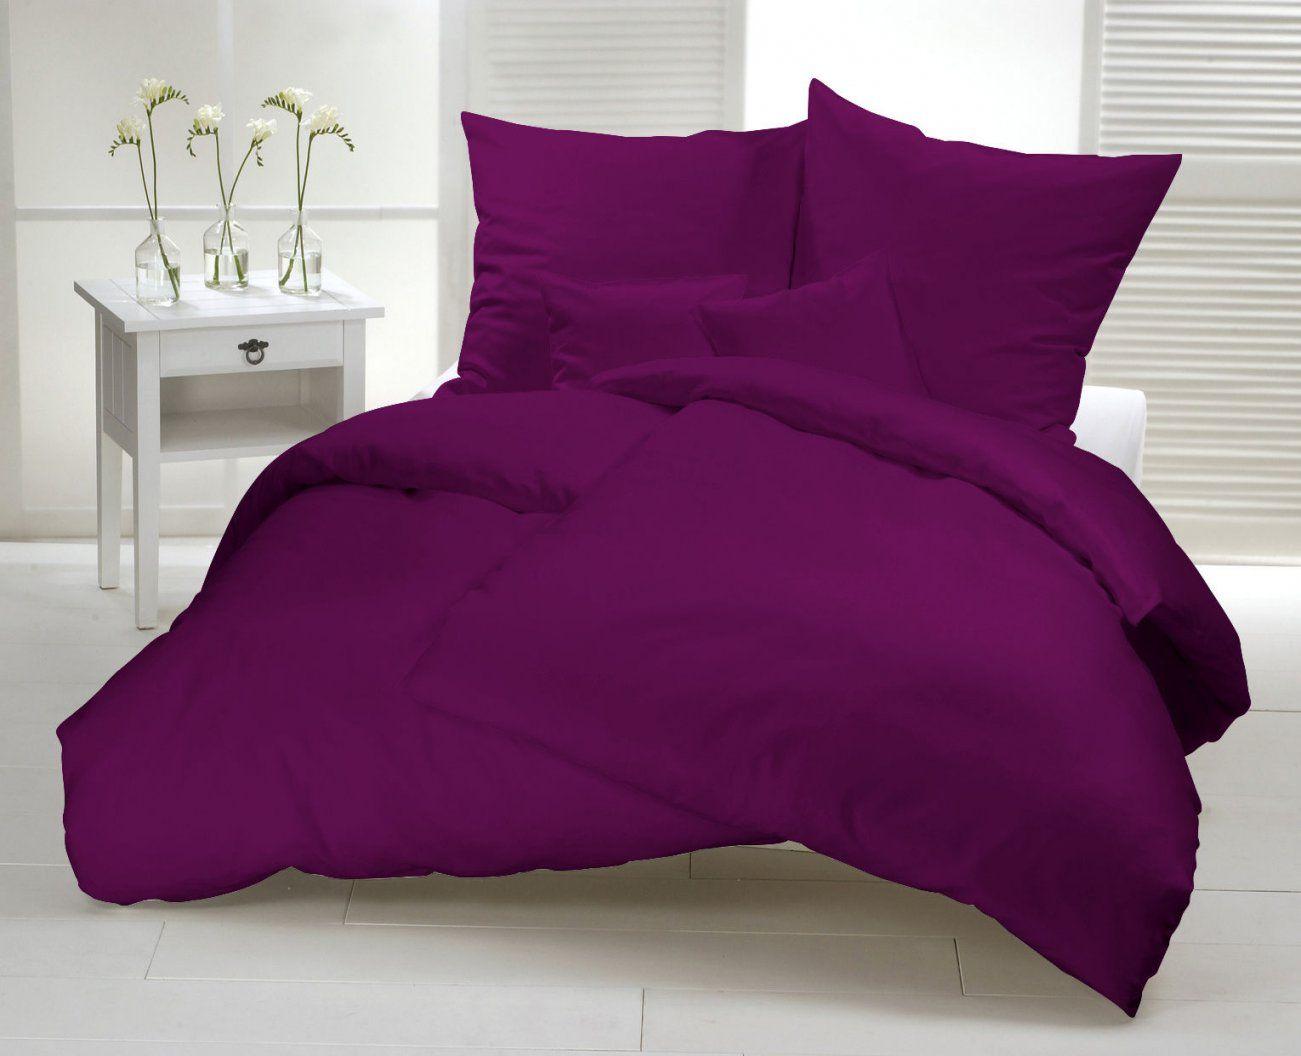 Bettwäsche 135 X 200 Lila Uni Mako Satin Pflaume Baumwolle Einfarbig von Bettwäsche Lila Uni Bild